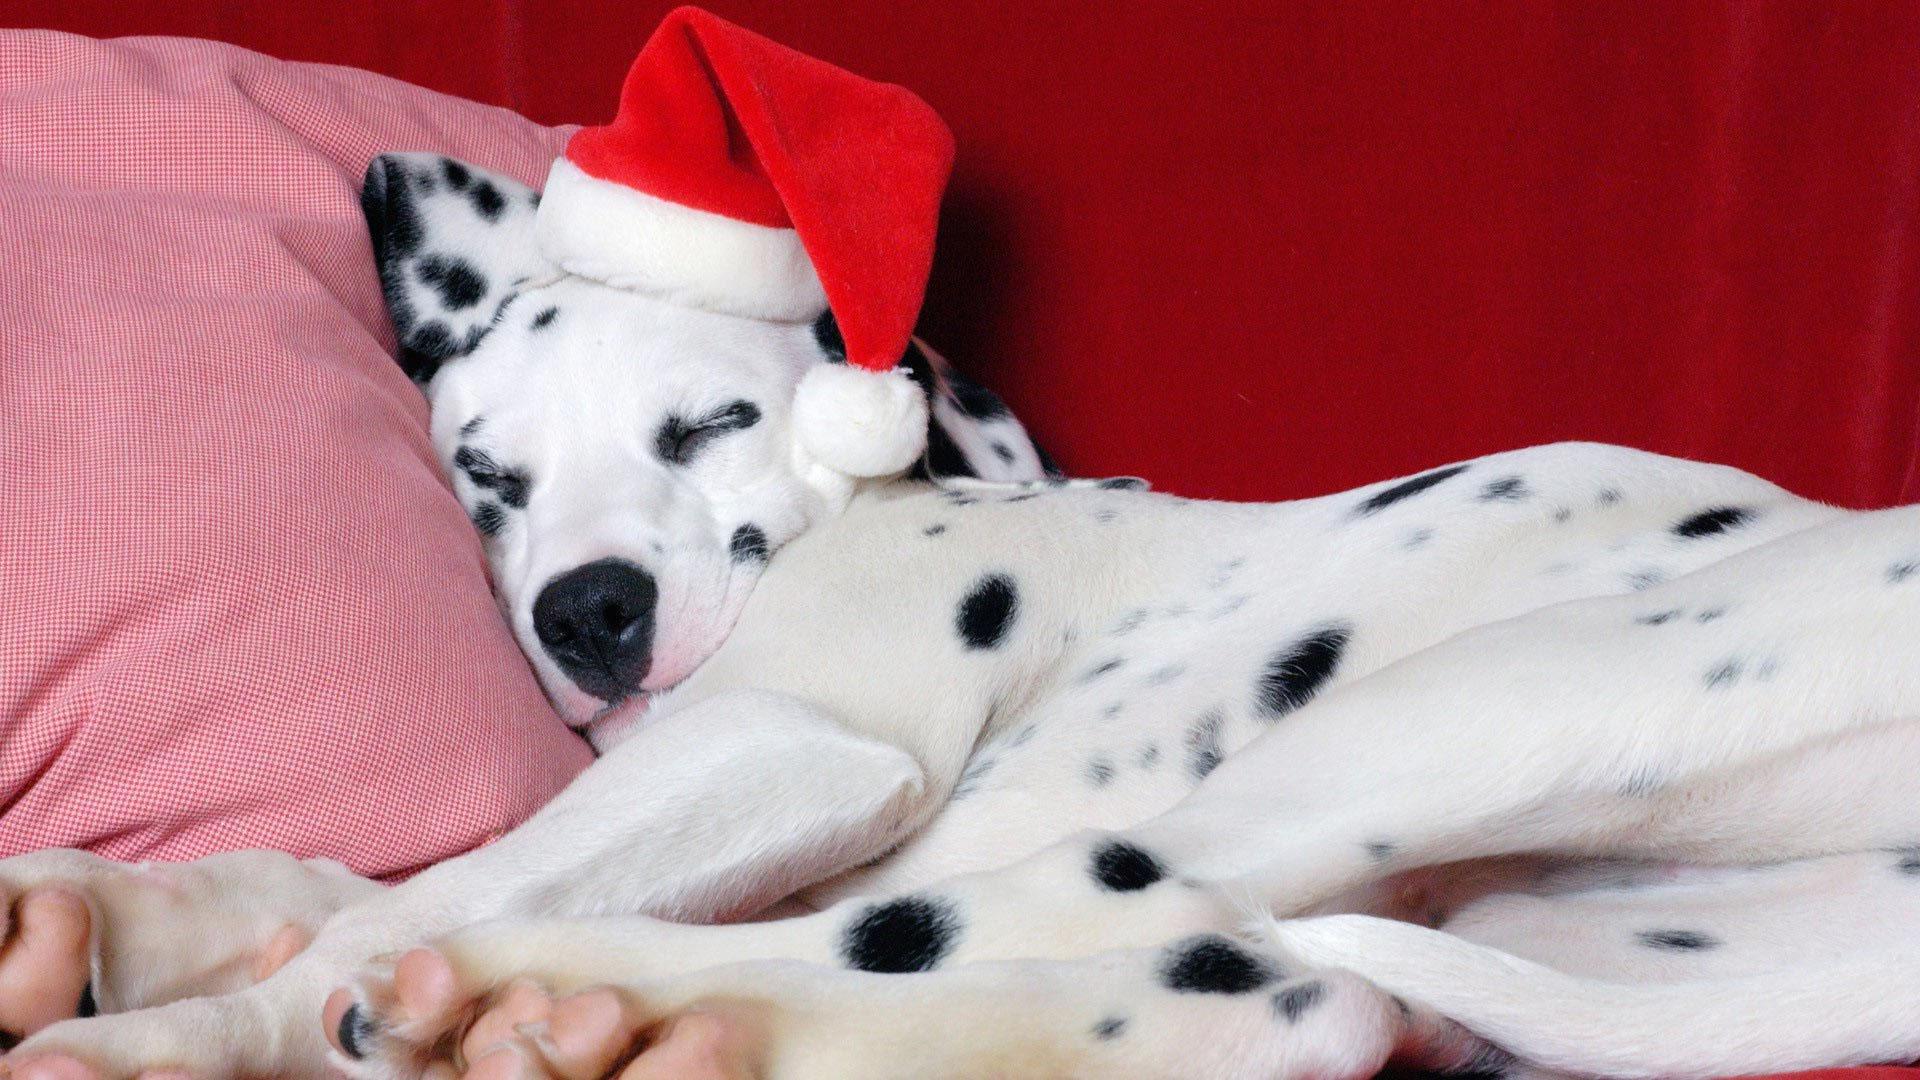 Dalmatian With Santa Hat Wallpaper